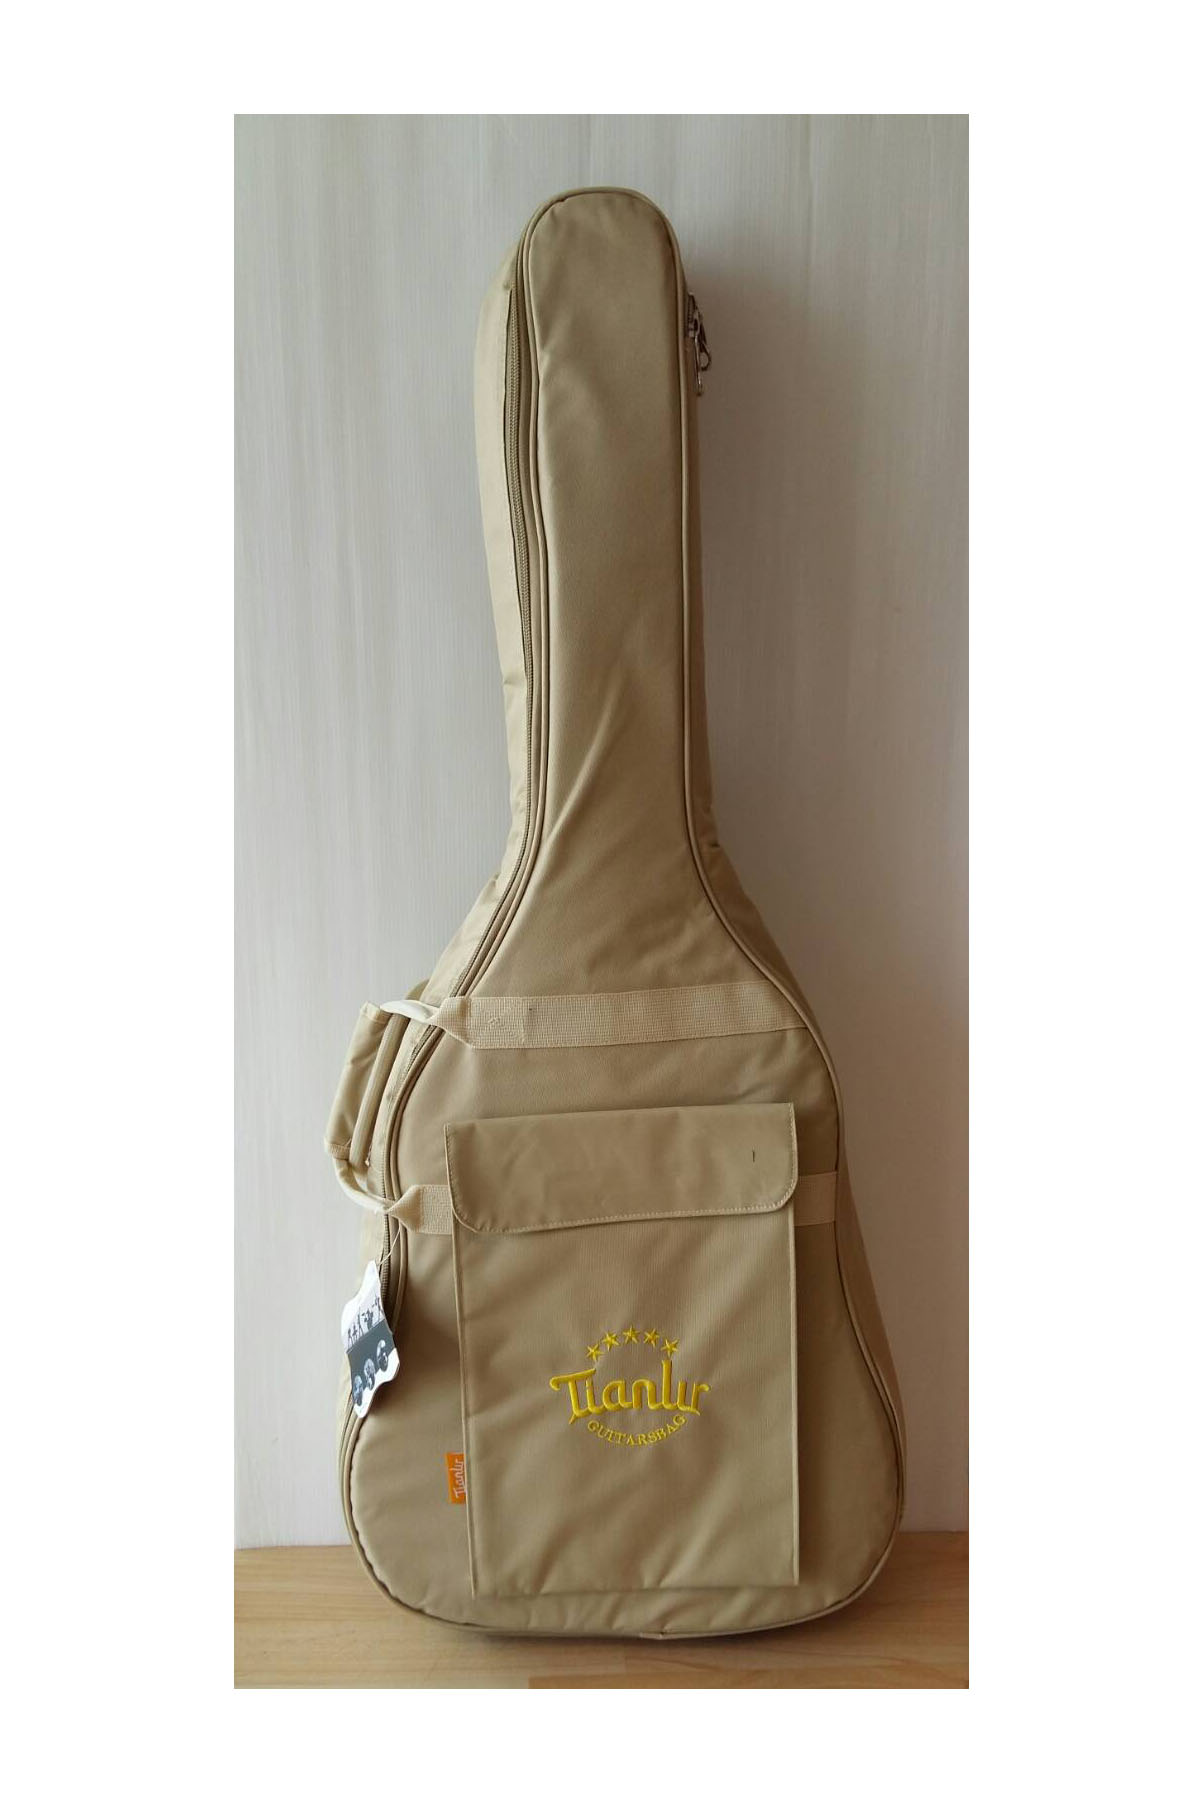 กระเป๋ากีตาร์อย่างหนา Tianlur สีครีม